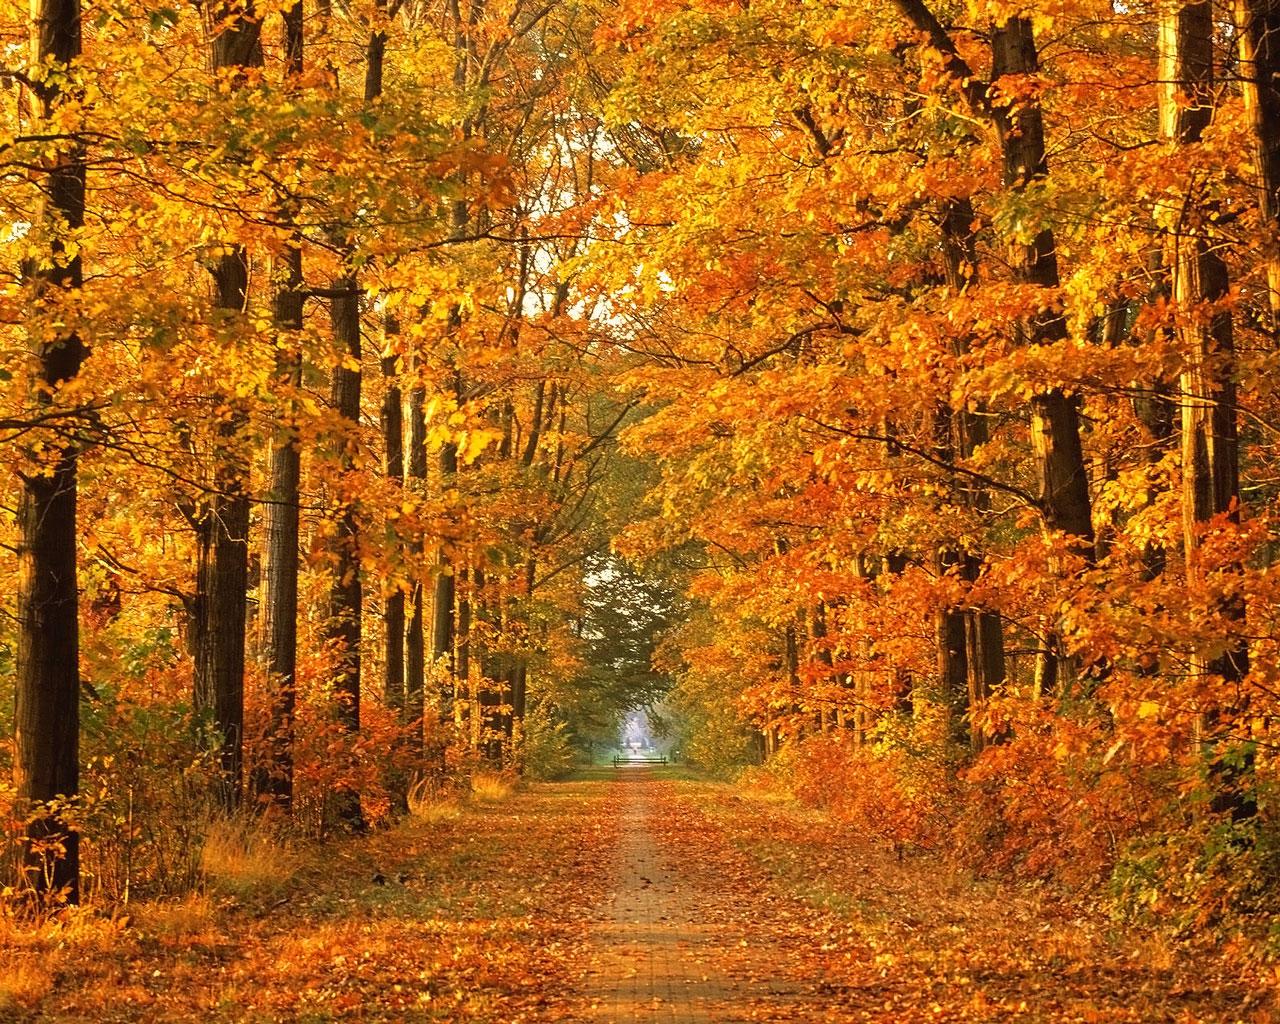 autumn wallpapers for desktop autumn wallpaper widescreen autumn 1280x1024